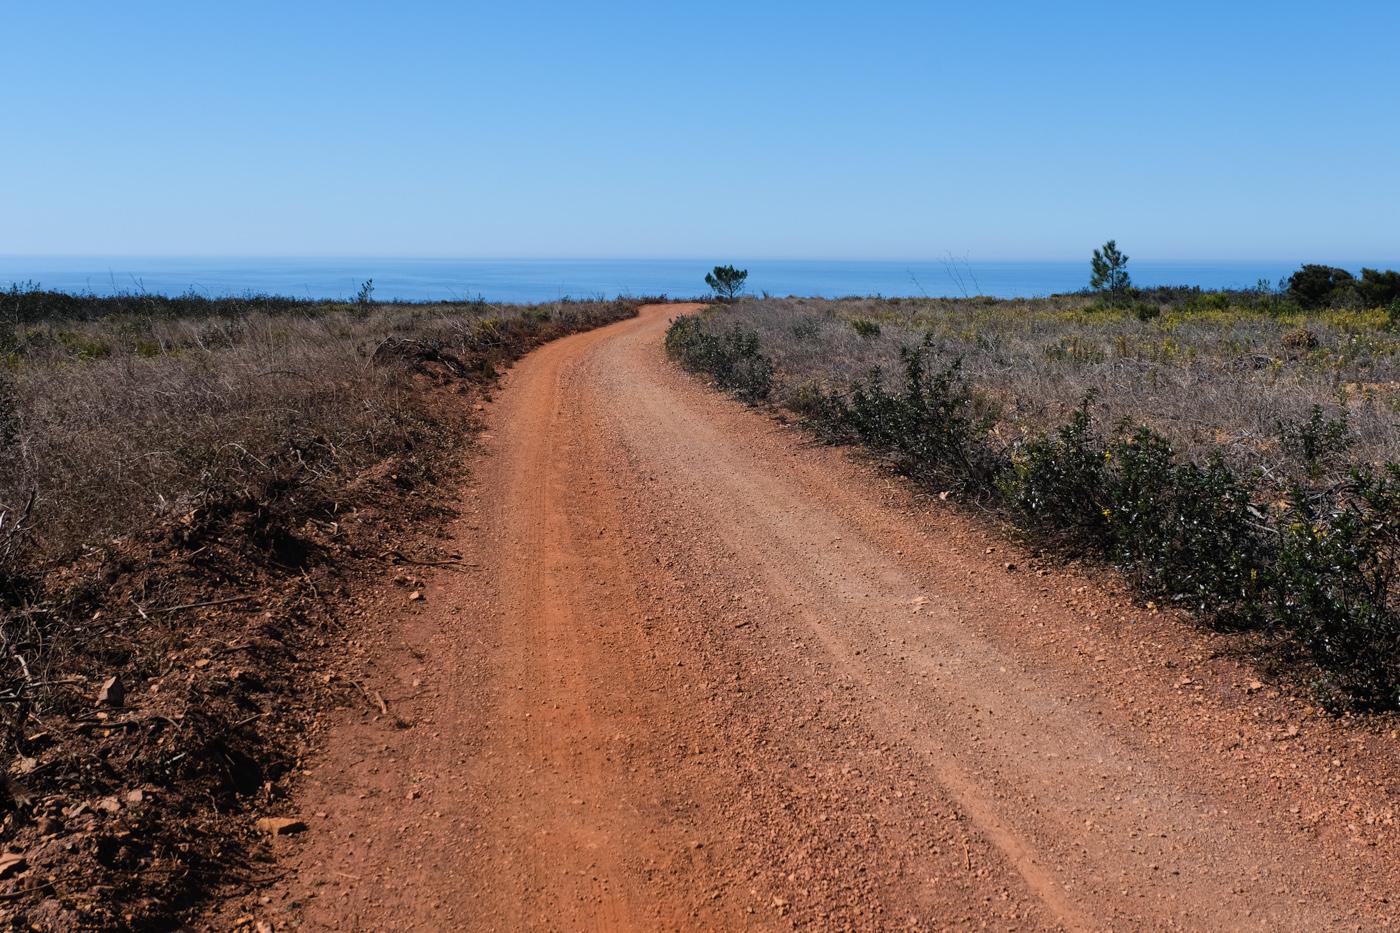 Rota Vicentina cammino a piedi Portogallo sentiero dei pescatori strada